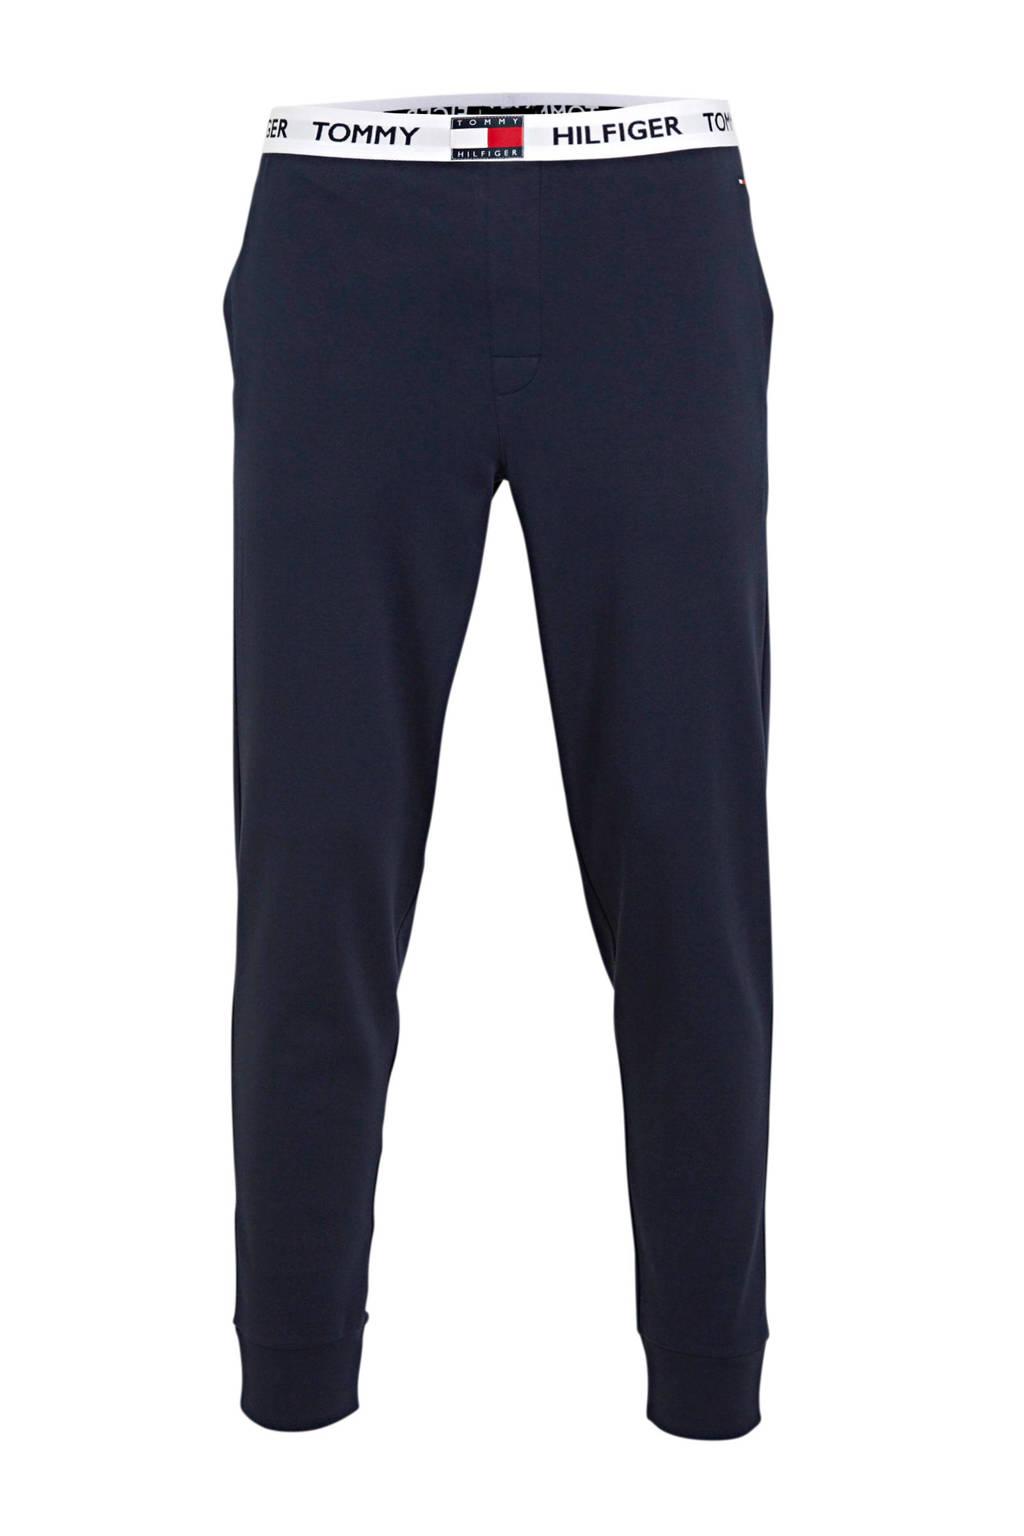 Tommy Hilfiger pyjamabroek donkerblauw, Donkerblauw